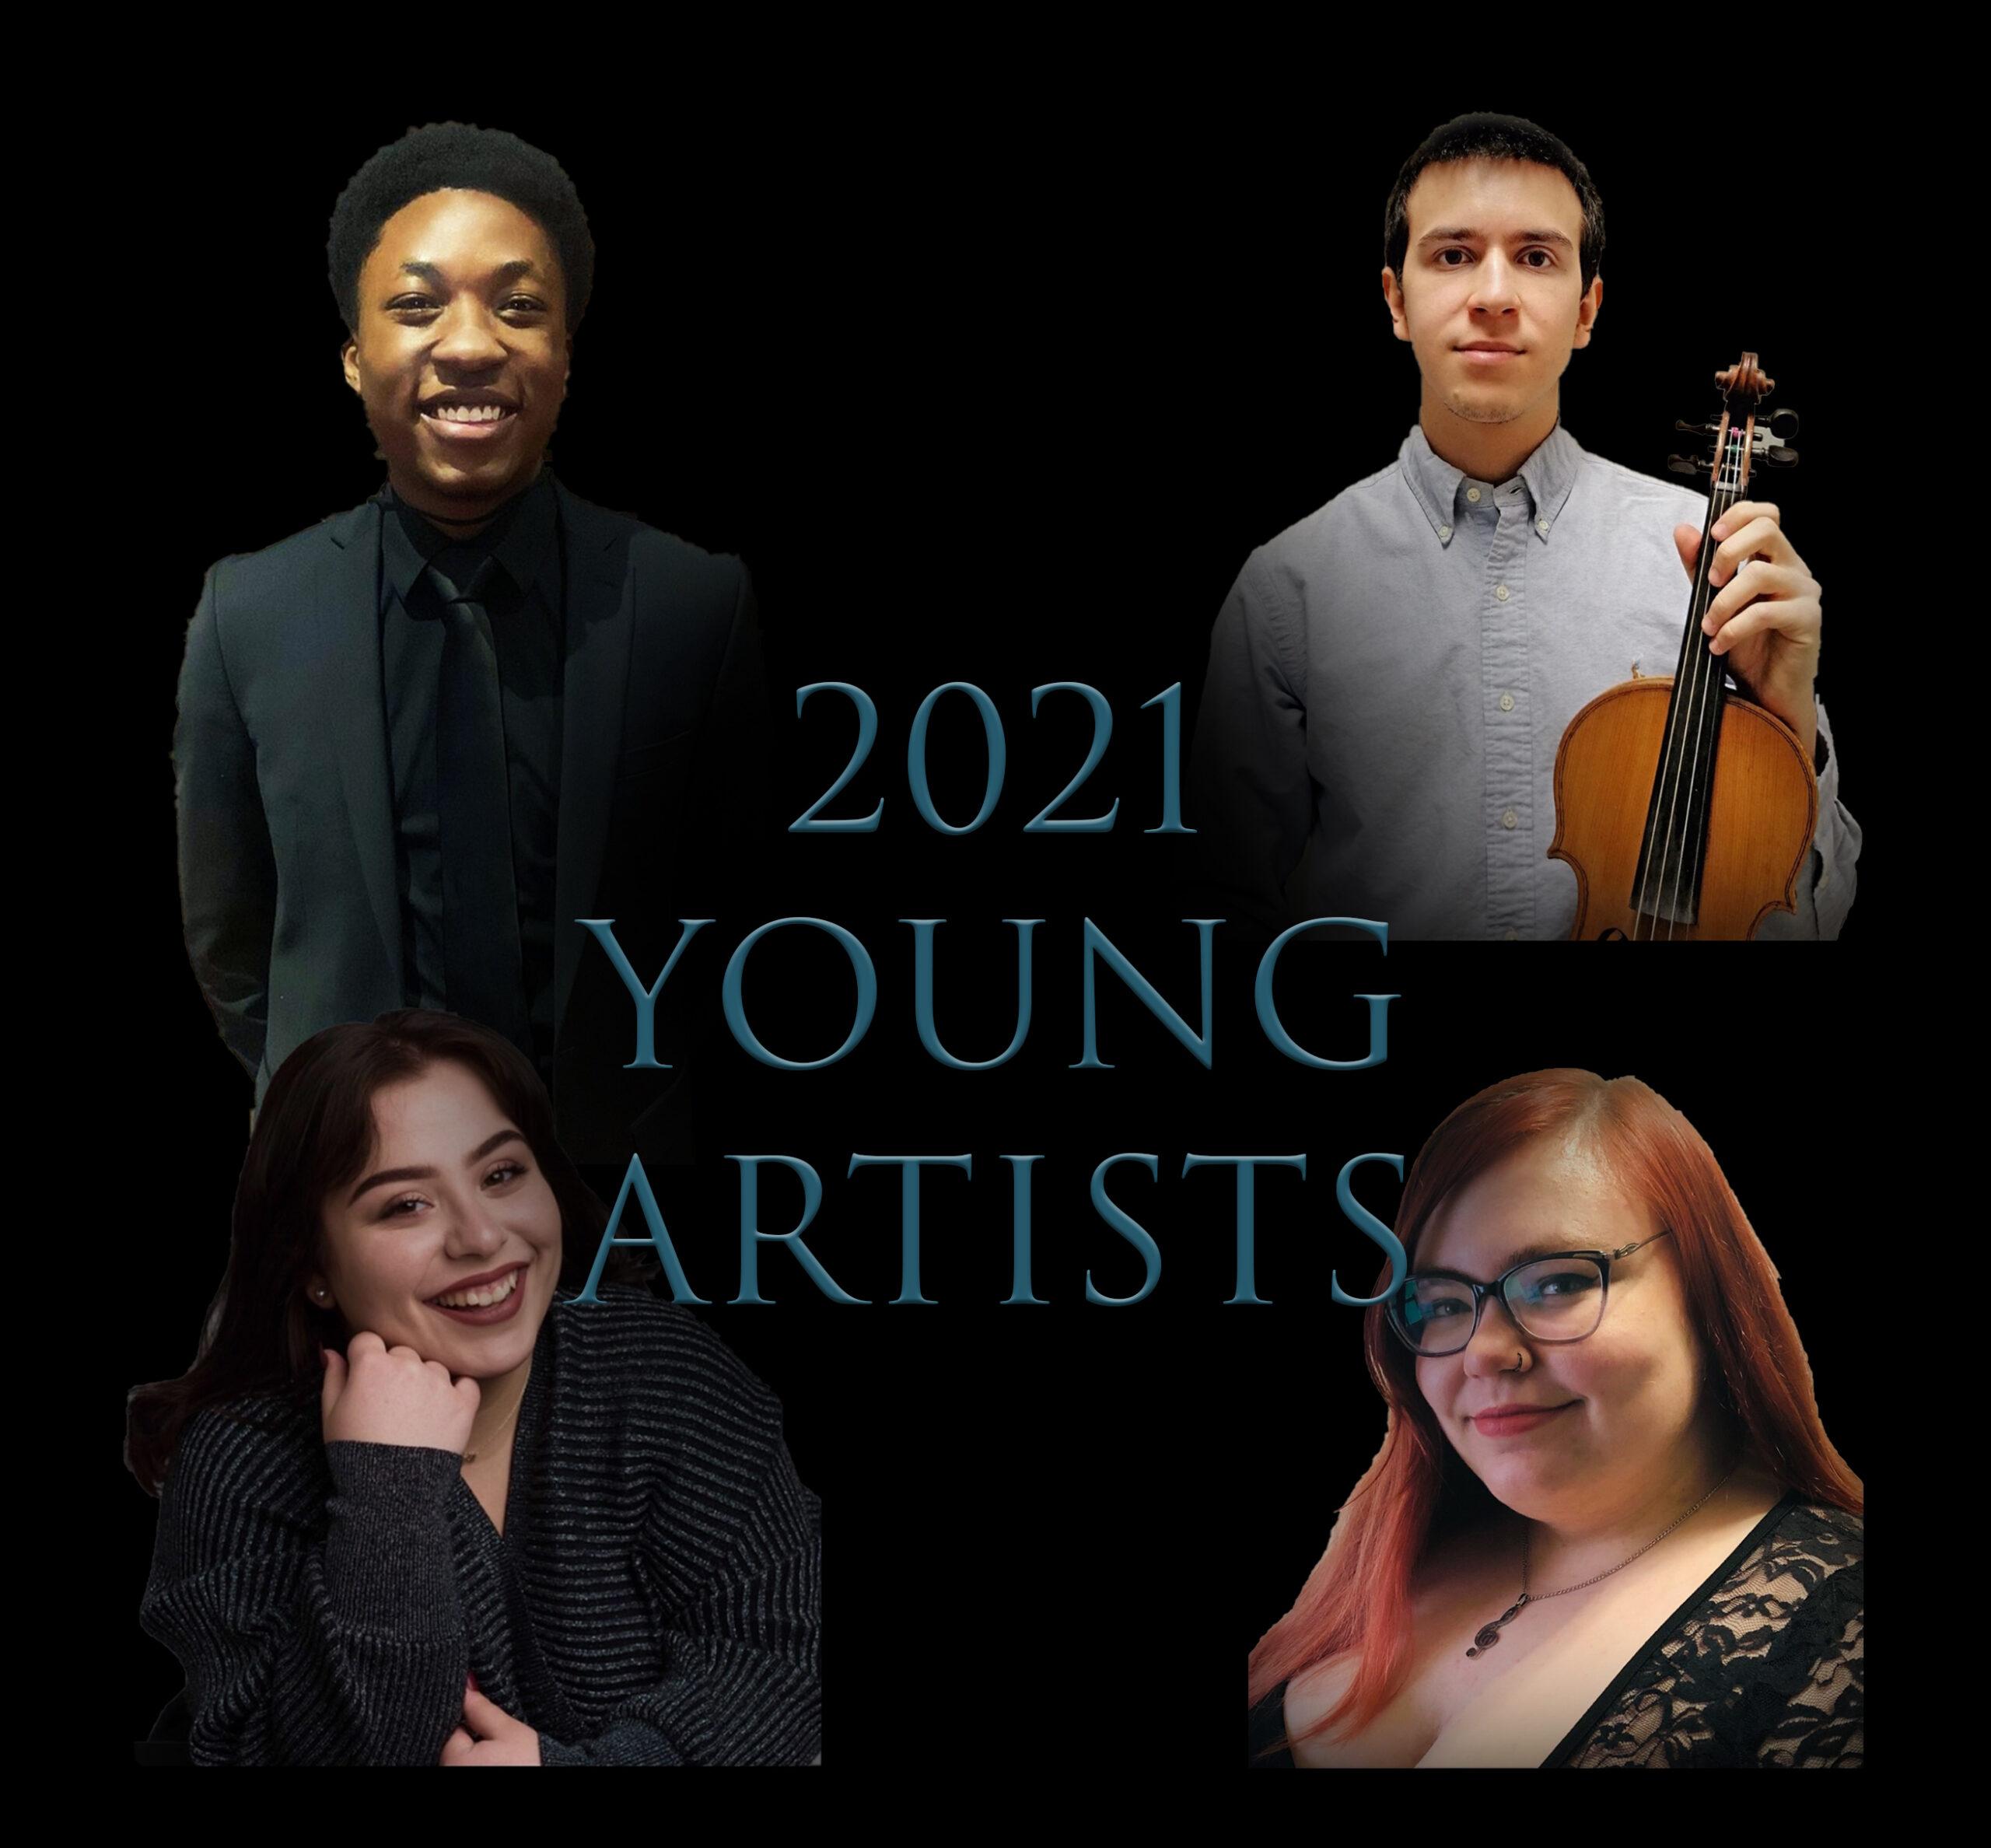 Young artists Sarah Olbert